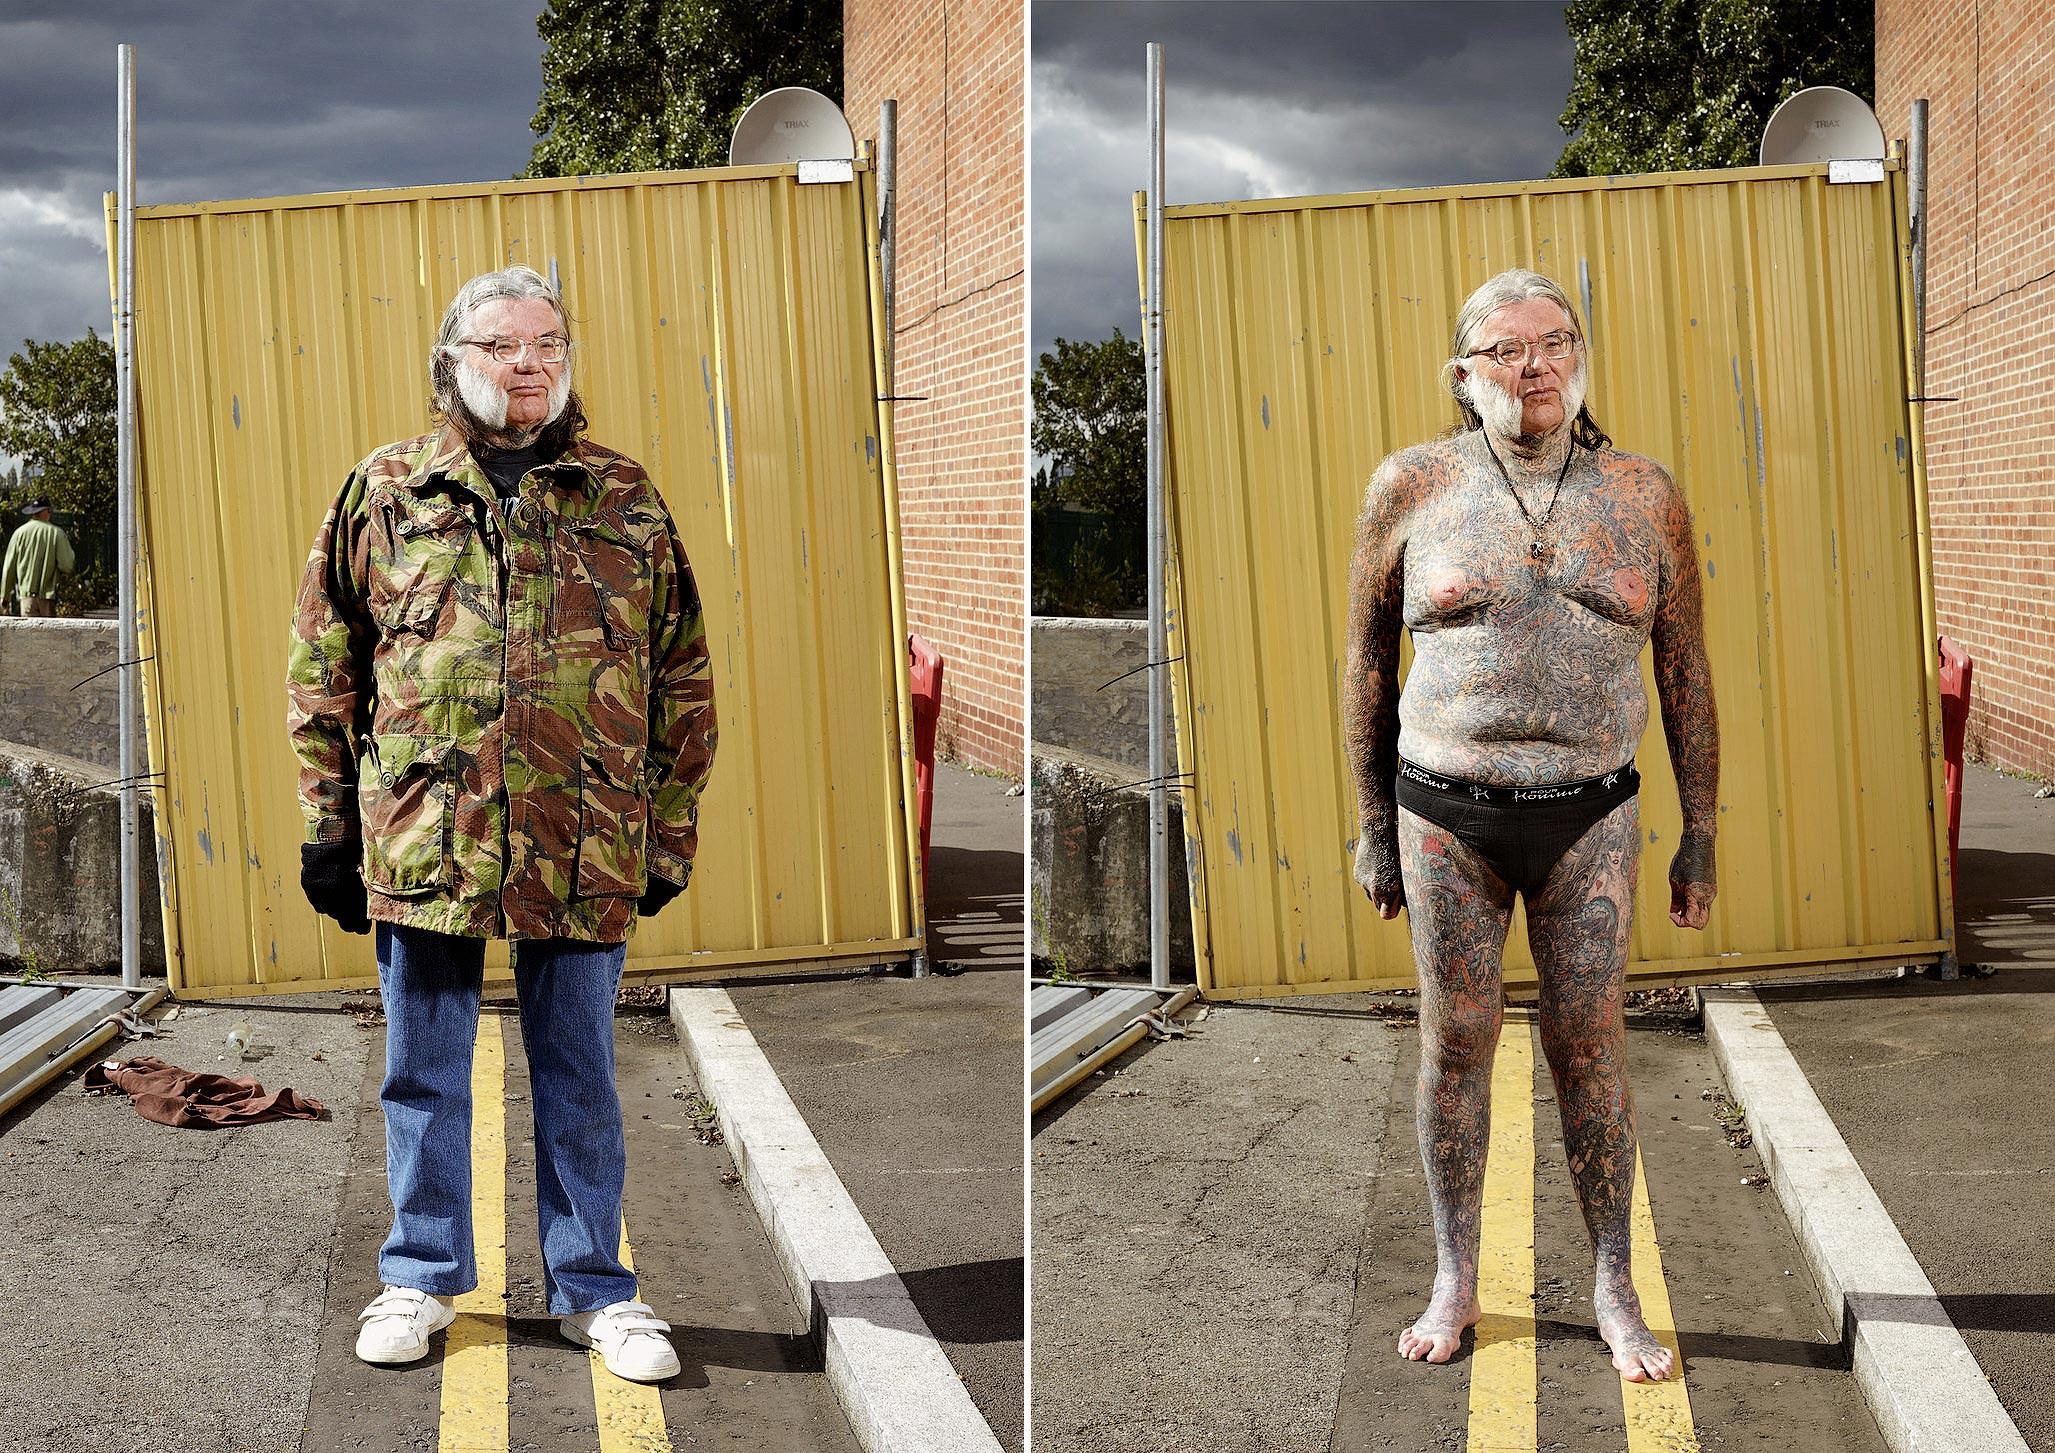 092 14 фото английских любителей тату в одежде и без